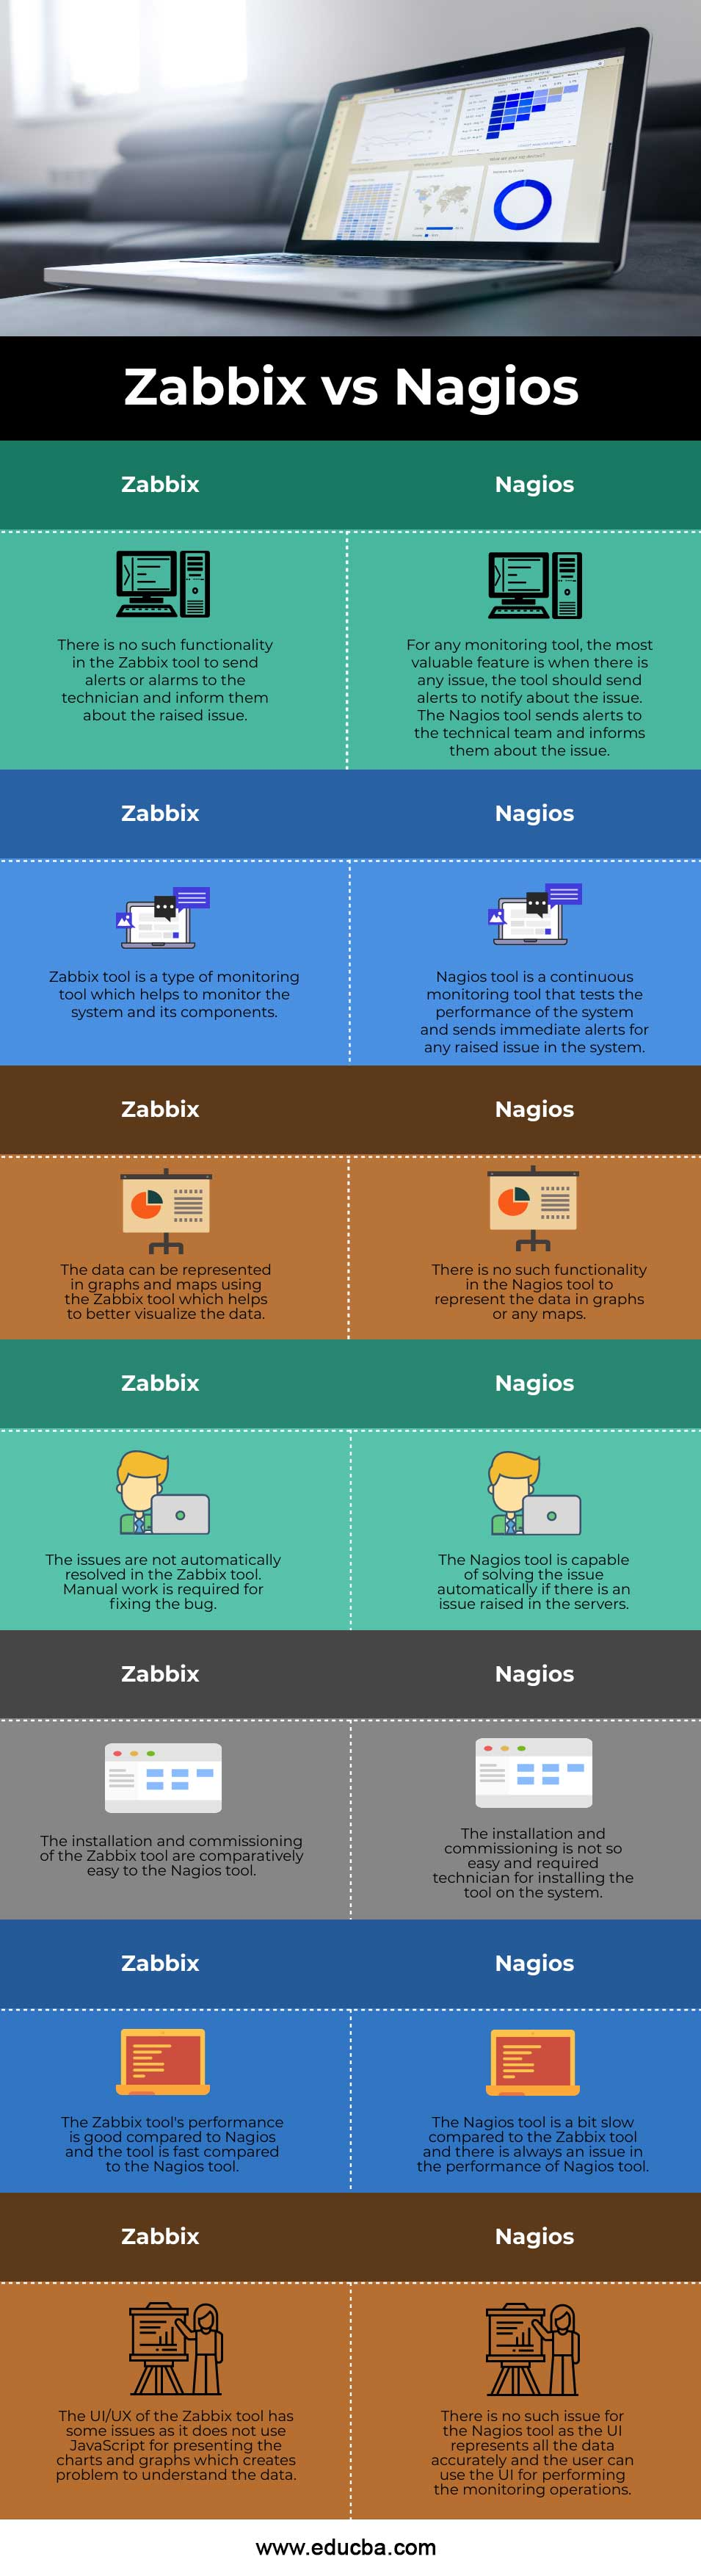 Zabbix vs Nagios info